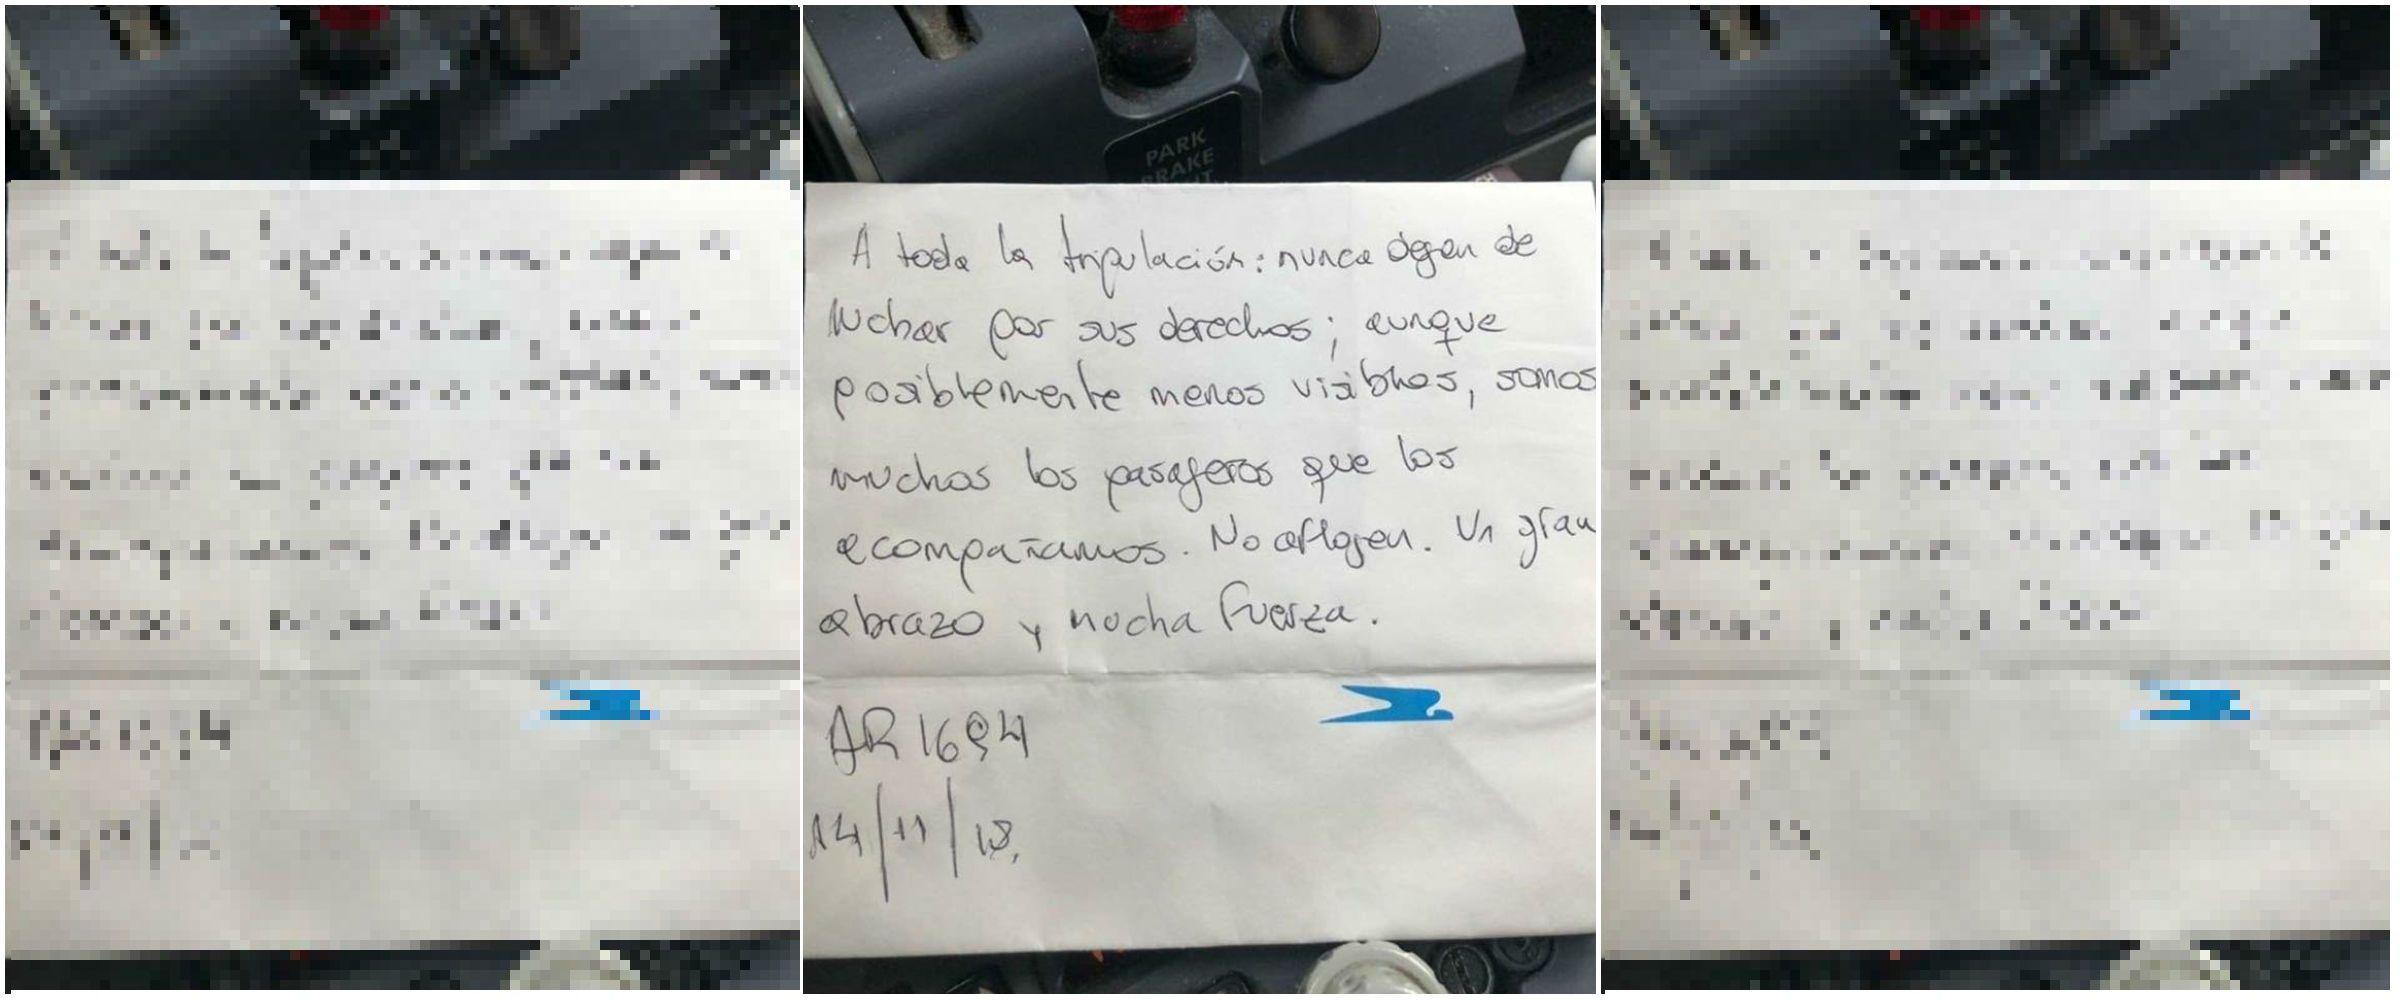 El mensaje se lo dejaron a los tripulantes del vuelo AR 1694